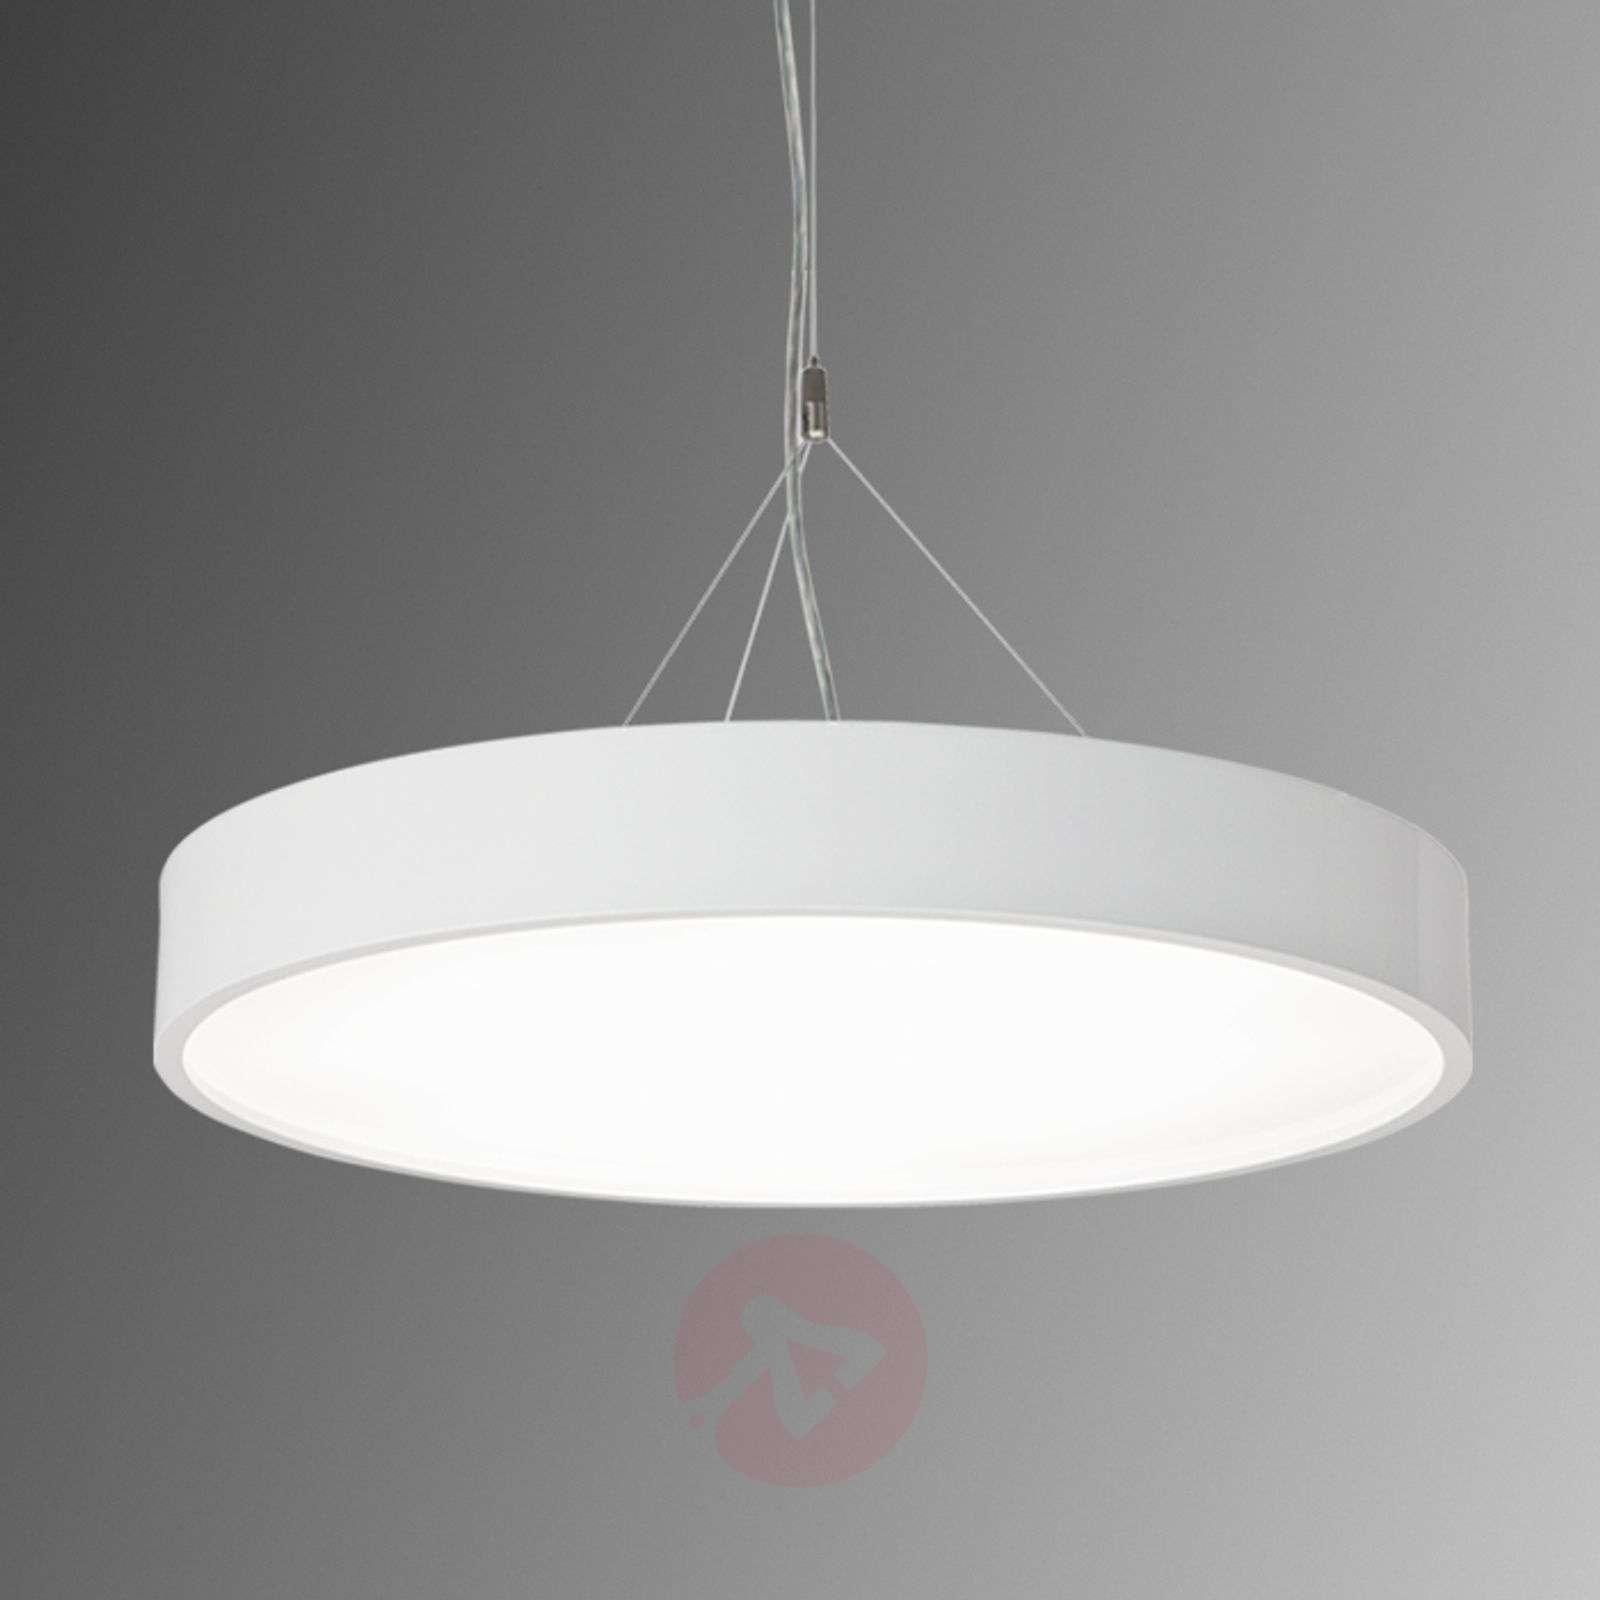 LED hanging lamp Module P645 white-6040189-01